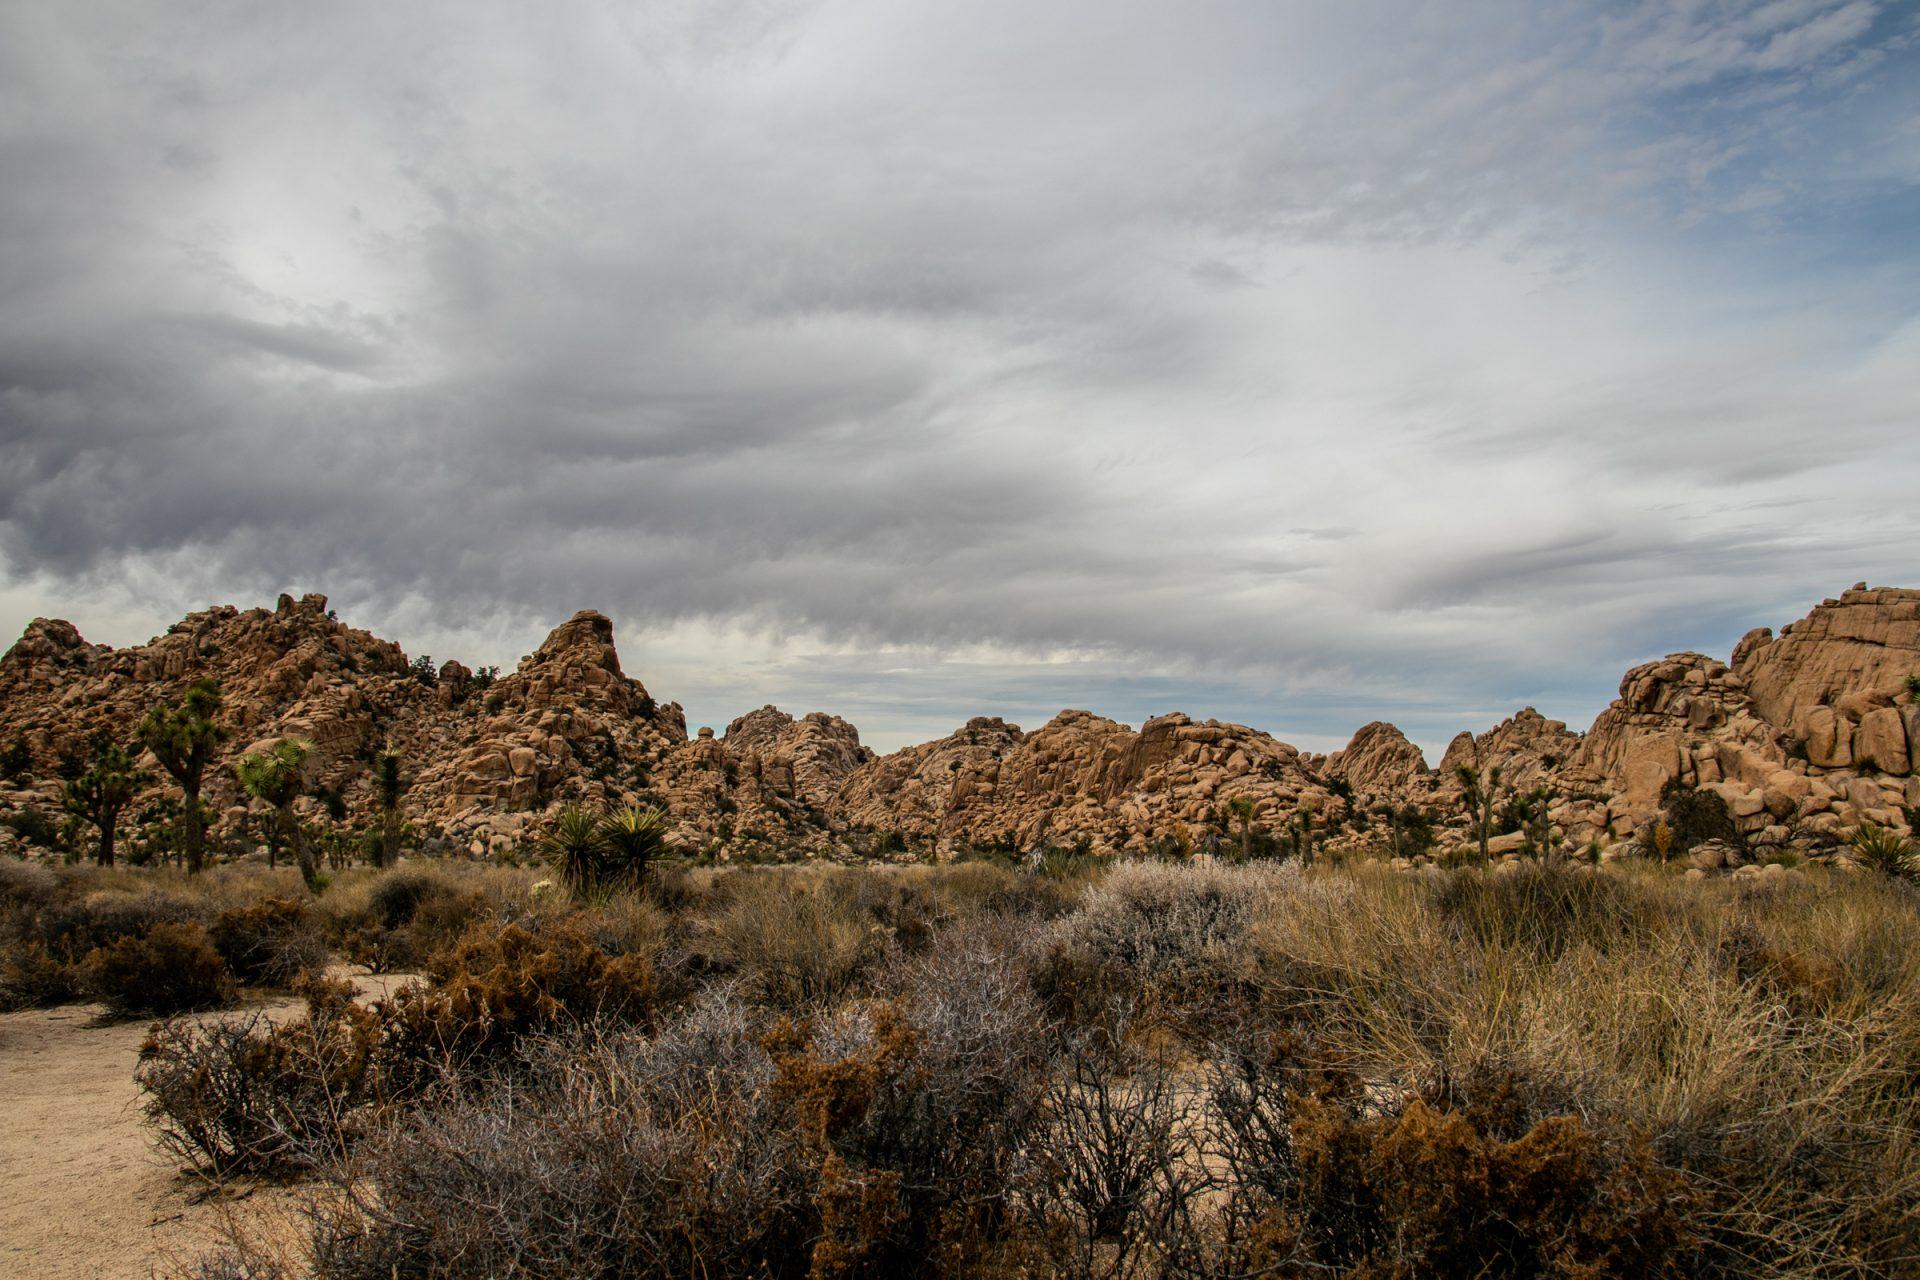 Rocky Hills Behind Desert Bushes